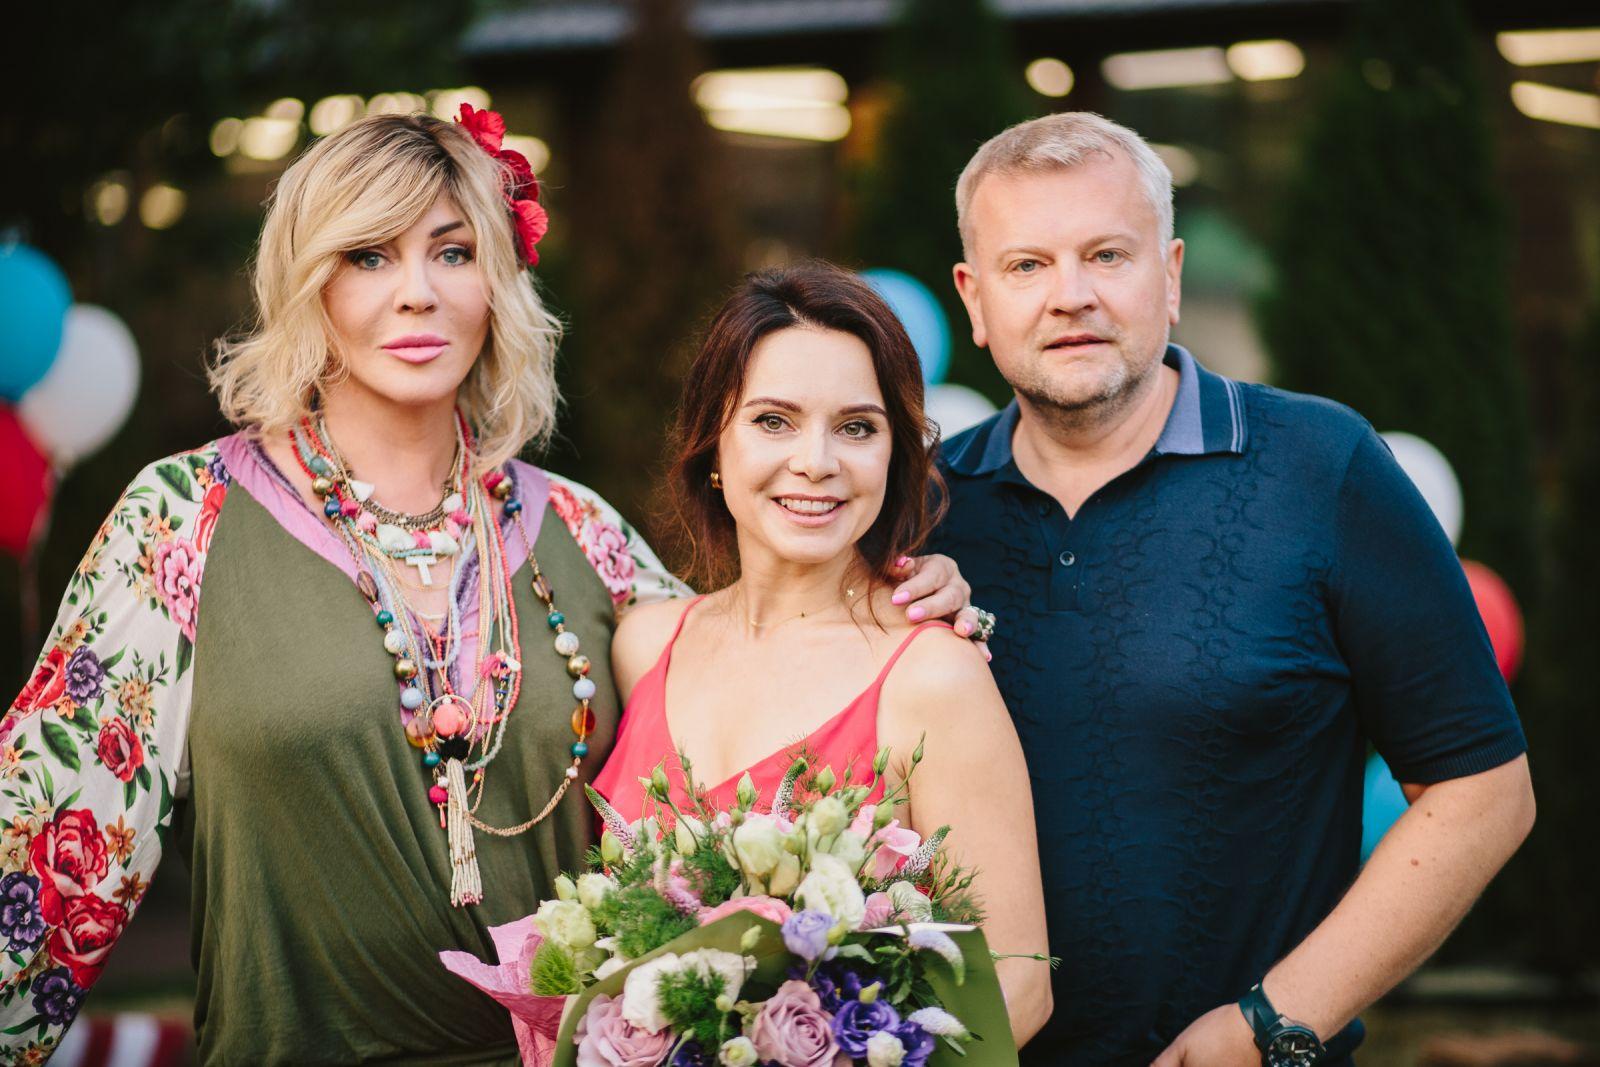 Ирина Билык, Маша Ефросинина, Николай Тищенко: звезды на дне рождения Лилии Подкопаевой